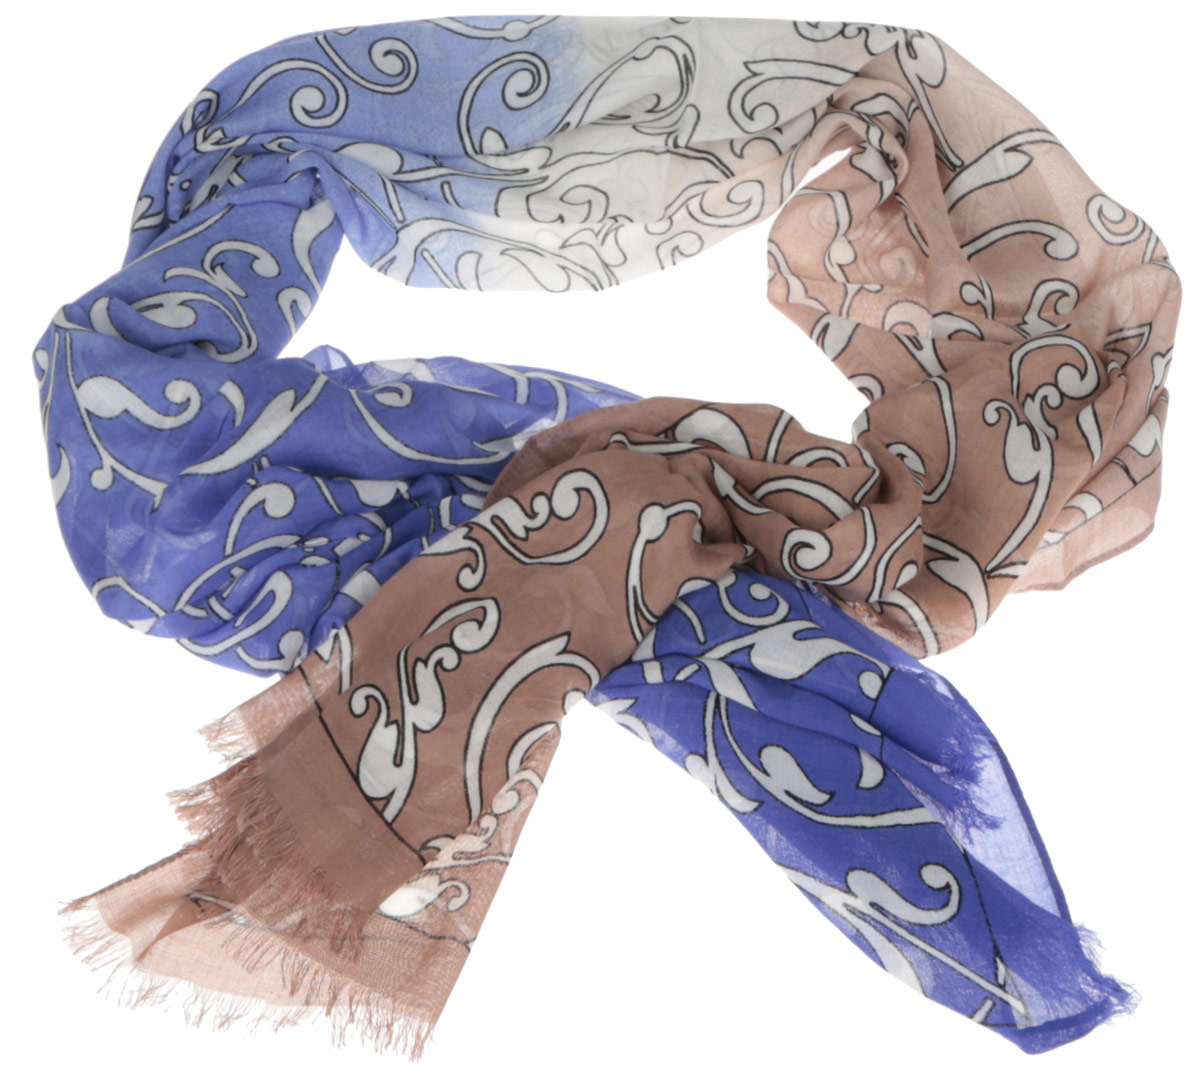 Шарф женский Fabretti, цвет: темно-синий, коричневый. DS2015-002-15. Размер 184 см х 70 смDS2015-002-15Женский шарф Fabretti позволит вам создать неповторимый и запоминающийся образ. Изготовленный из высококачественных материалов, он очень легкий, мягкий, имеет приятную на ощупь текстуру. Модель оформлена изысканным узором, украшена по краям короткими кисточками. Такой аксессуар станет стильным дополнением к гардеробу современной женщины, стремящейся всегда оставаться яркой и элегантной.